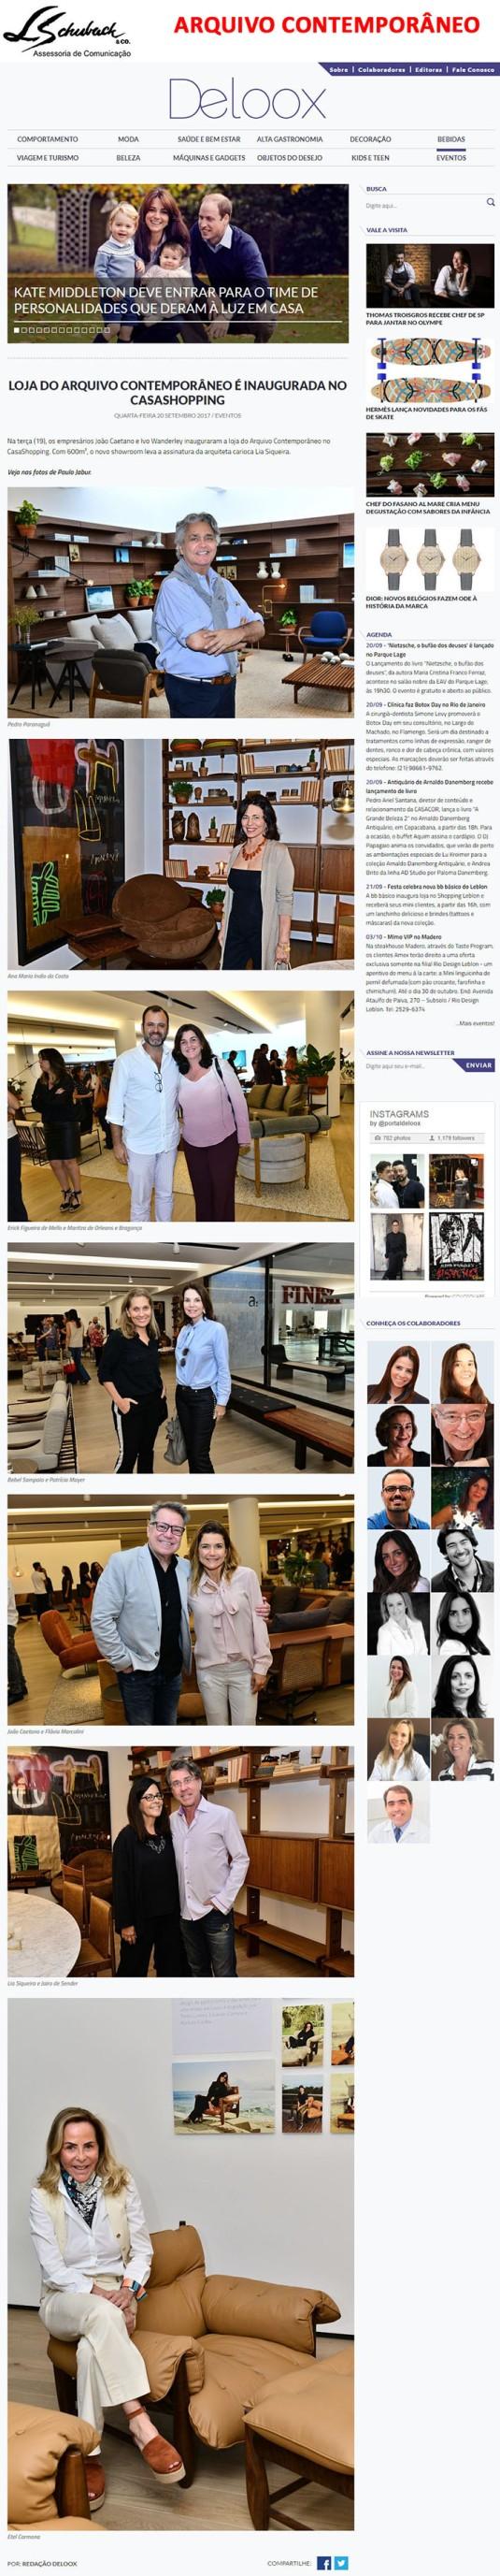 ARQUIVO CONTEMPORÂNEO no portal Deloox em 20 de setembro de 2017